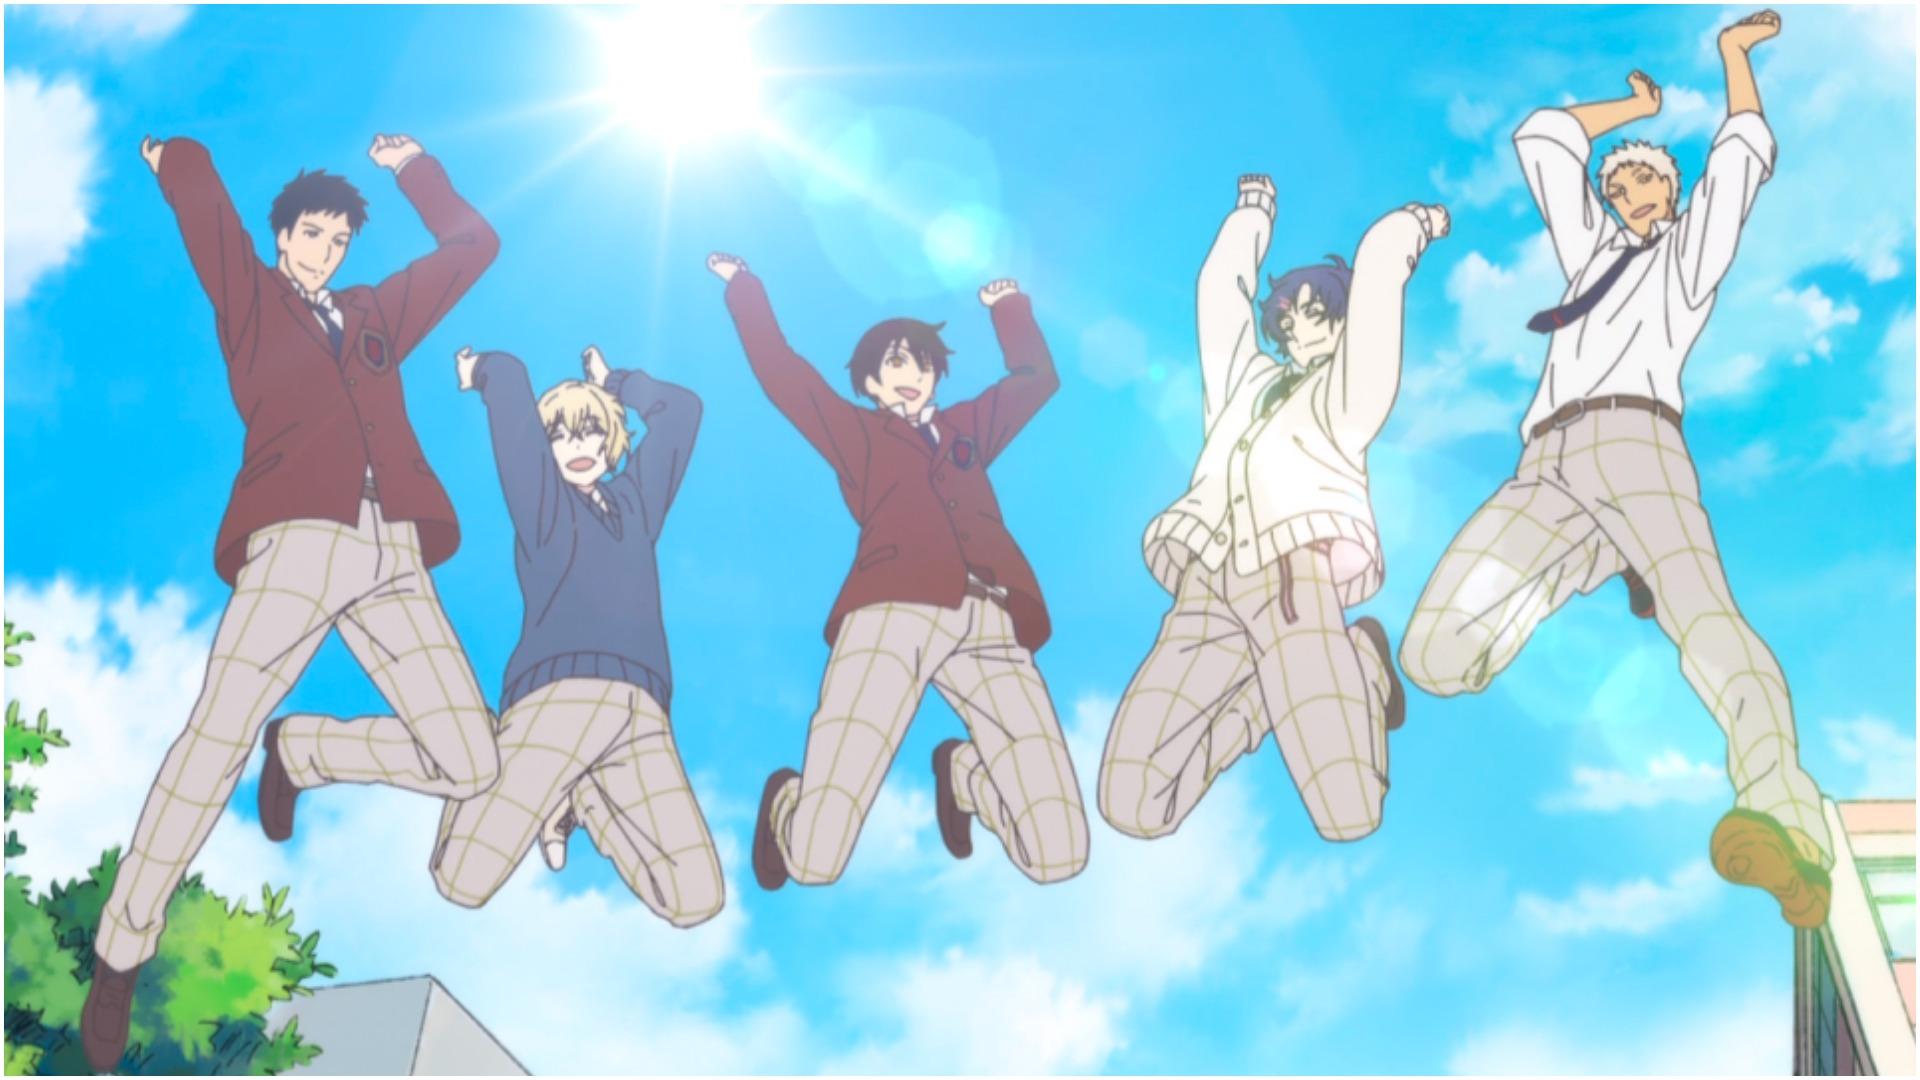 SANRIO BOYS todos los niños saltando